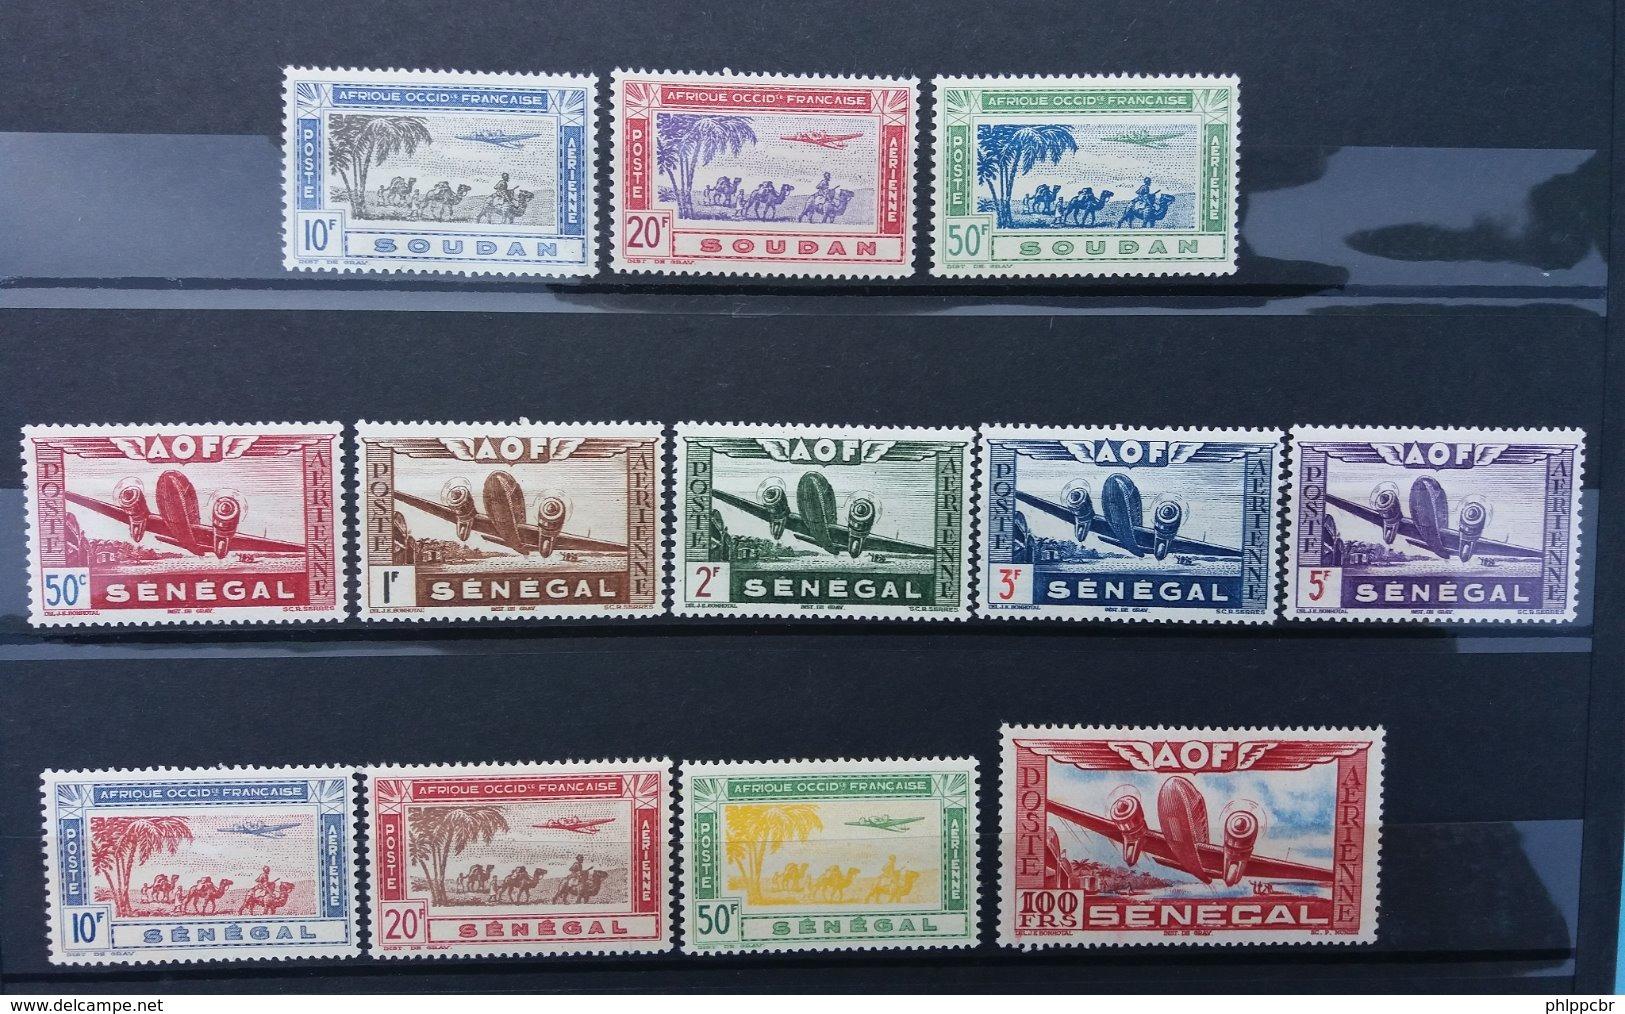 Importante Collection Colonies - Séries Coloniales - Grande Majorité ** - Plus De 2900 € De Cote Yvert - Frankrijk (oude Kolonies En Protectoraten)